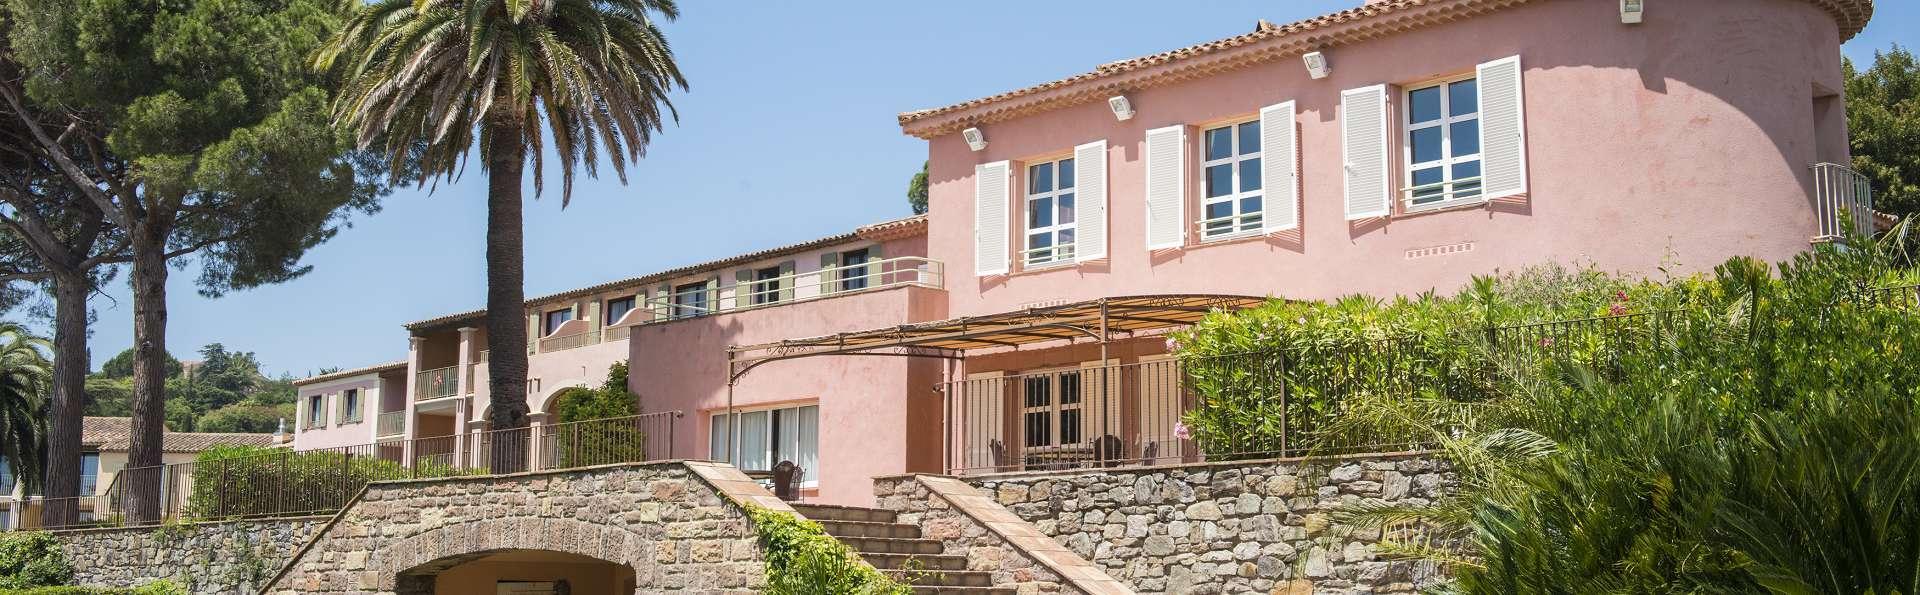 Hôtel Les Jardins De Sainte-Maxime 3* - Sainte-Maxime, France destiné Hotel Les Jardins De Sainte Maxime